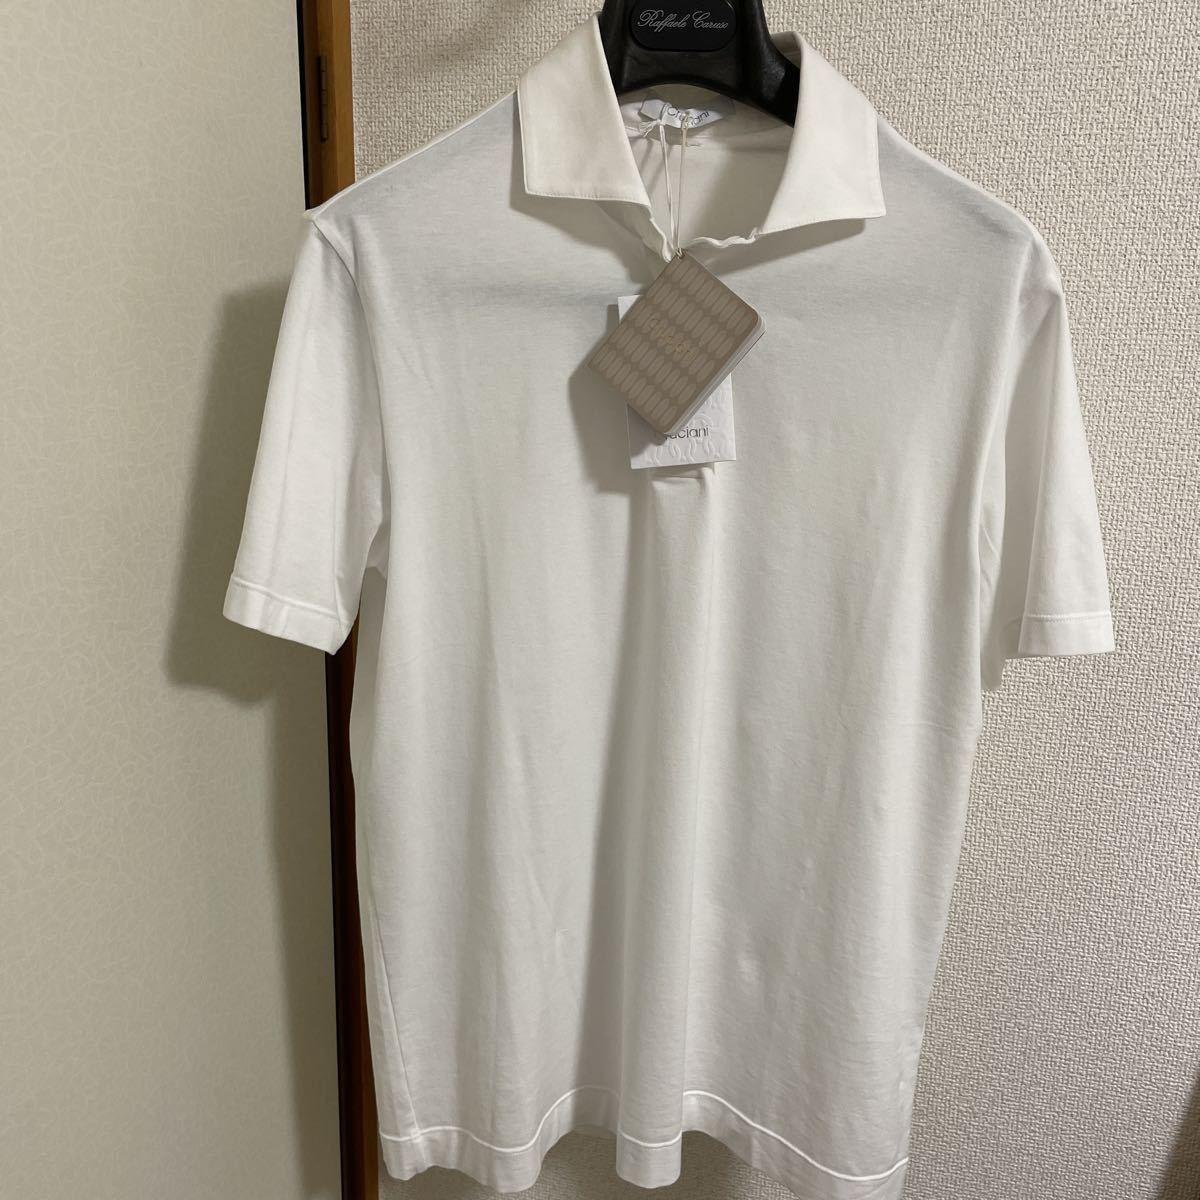 新品正規品 4万万CRUCIANI ポロシャツ コットン100% ホリゾンタルカラー ホワイト クルチアーニ キートン ロロピアーナ